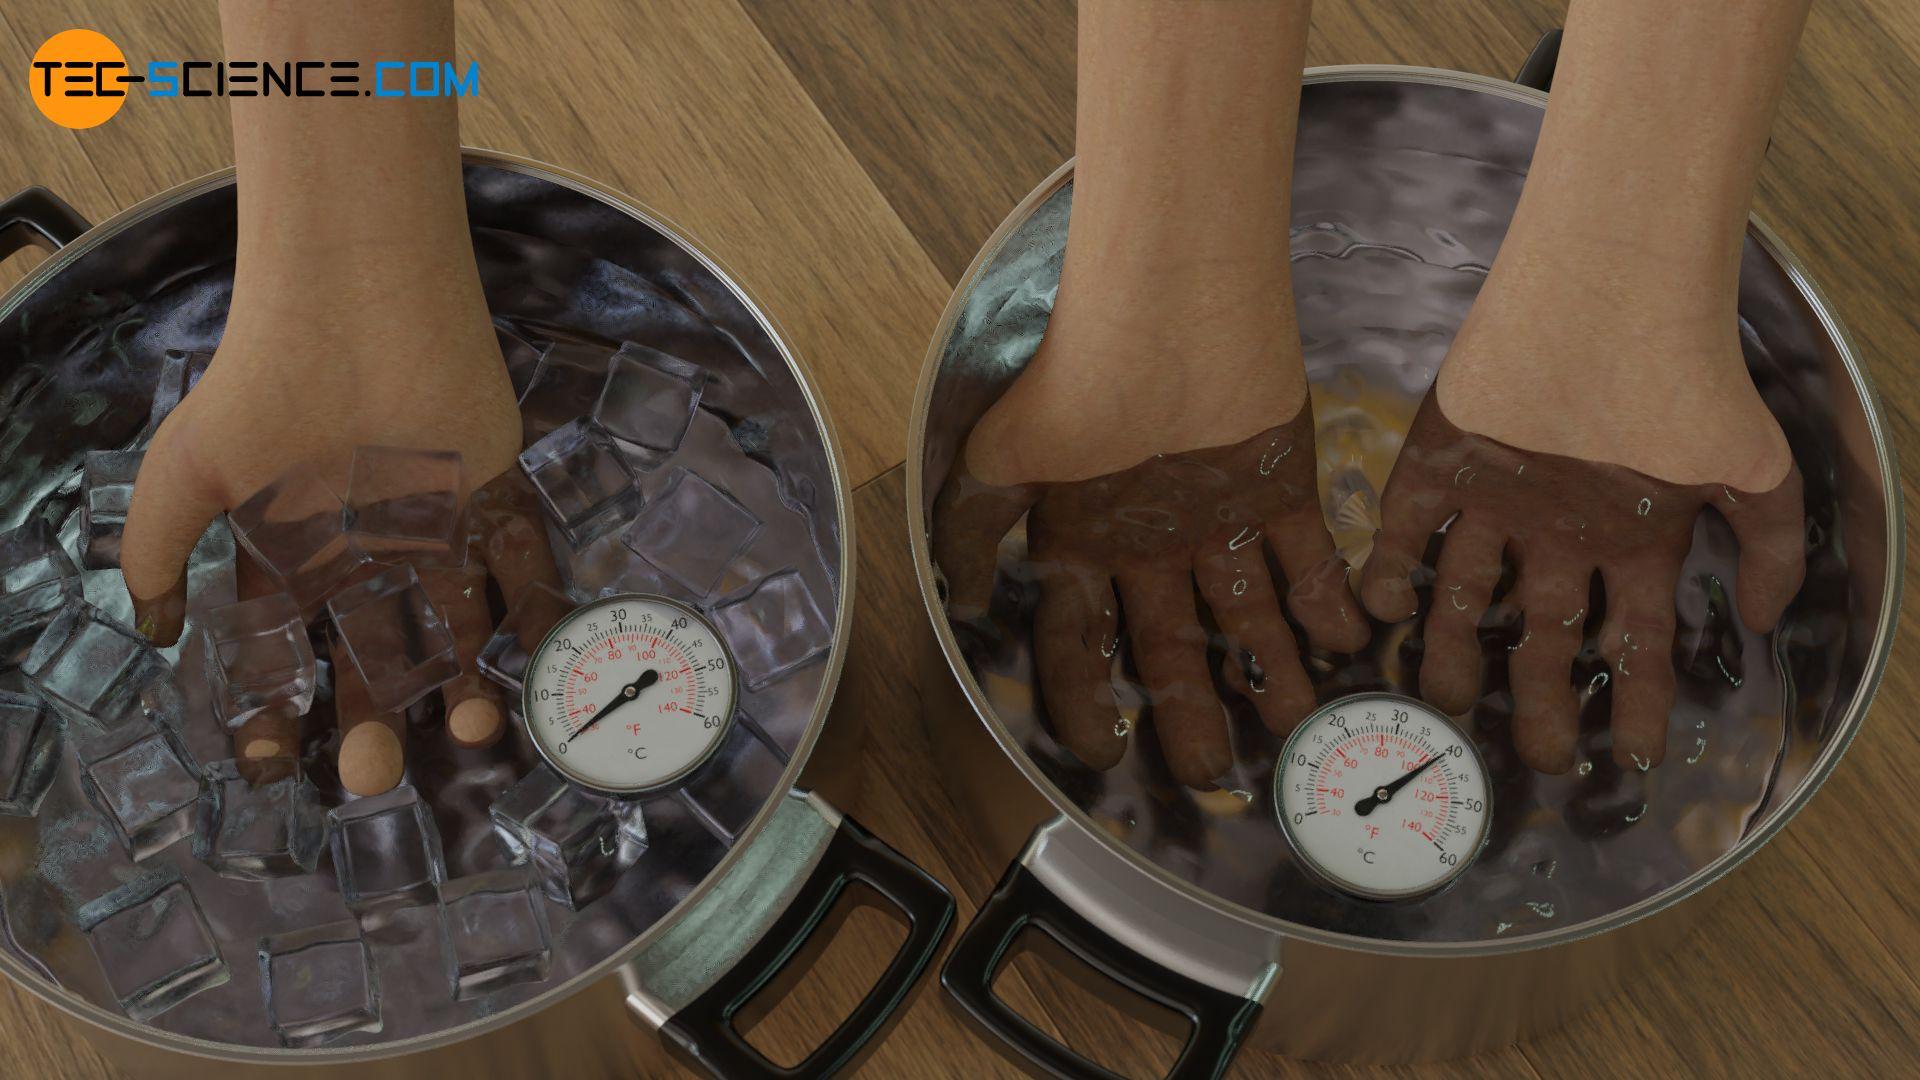 Temperaturempfinden bei gekühlter und ungekühlter Hand